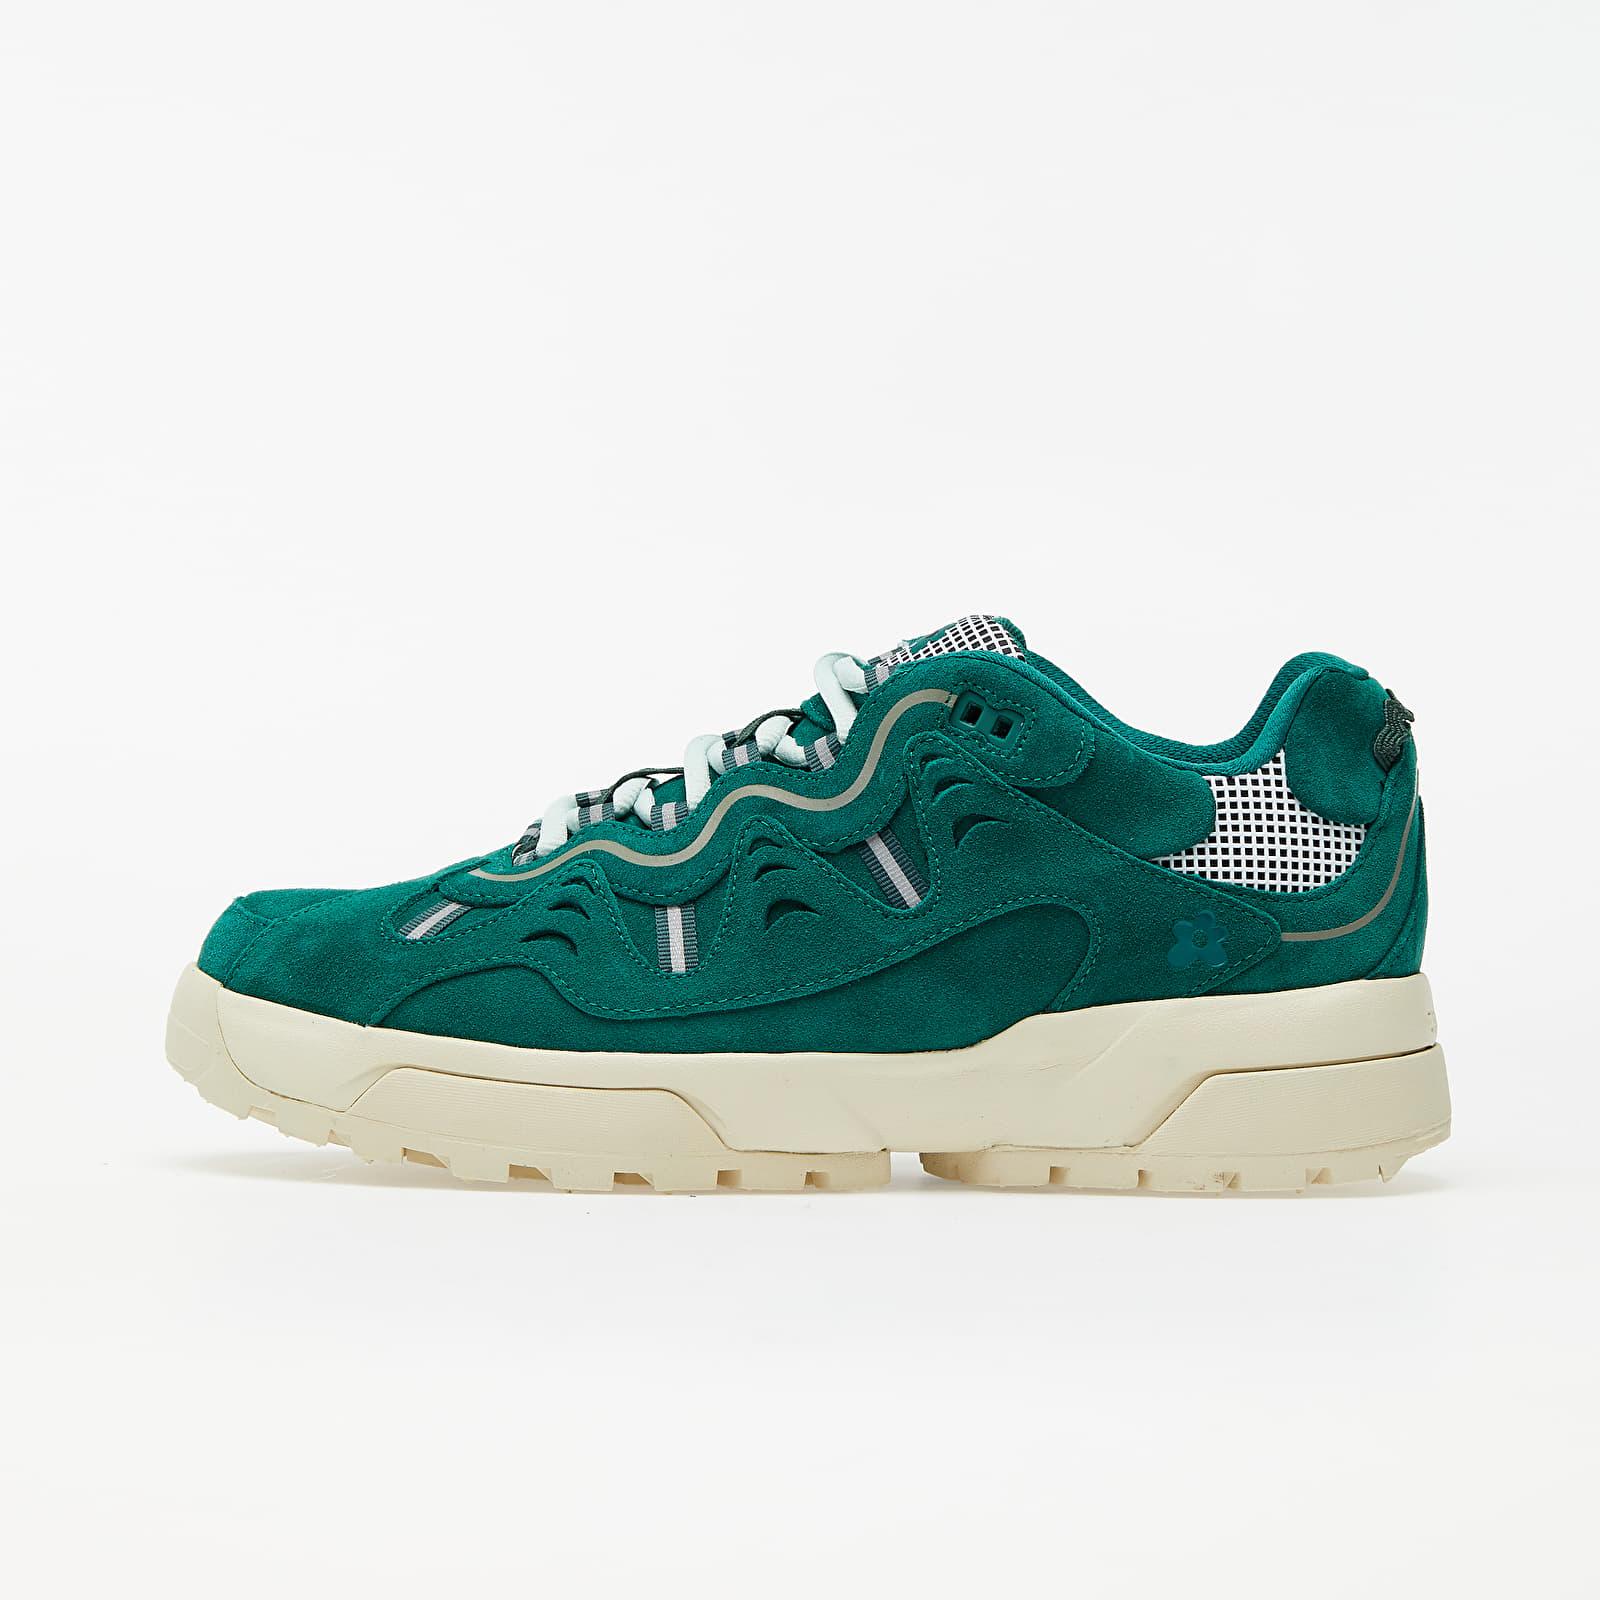 Ανδρικά παπούτσια Converse x Golf Le Fleur Gianno OX Evergreen/ White Asparagus